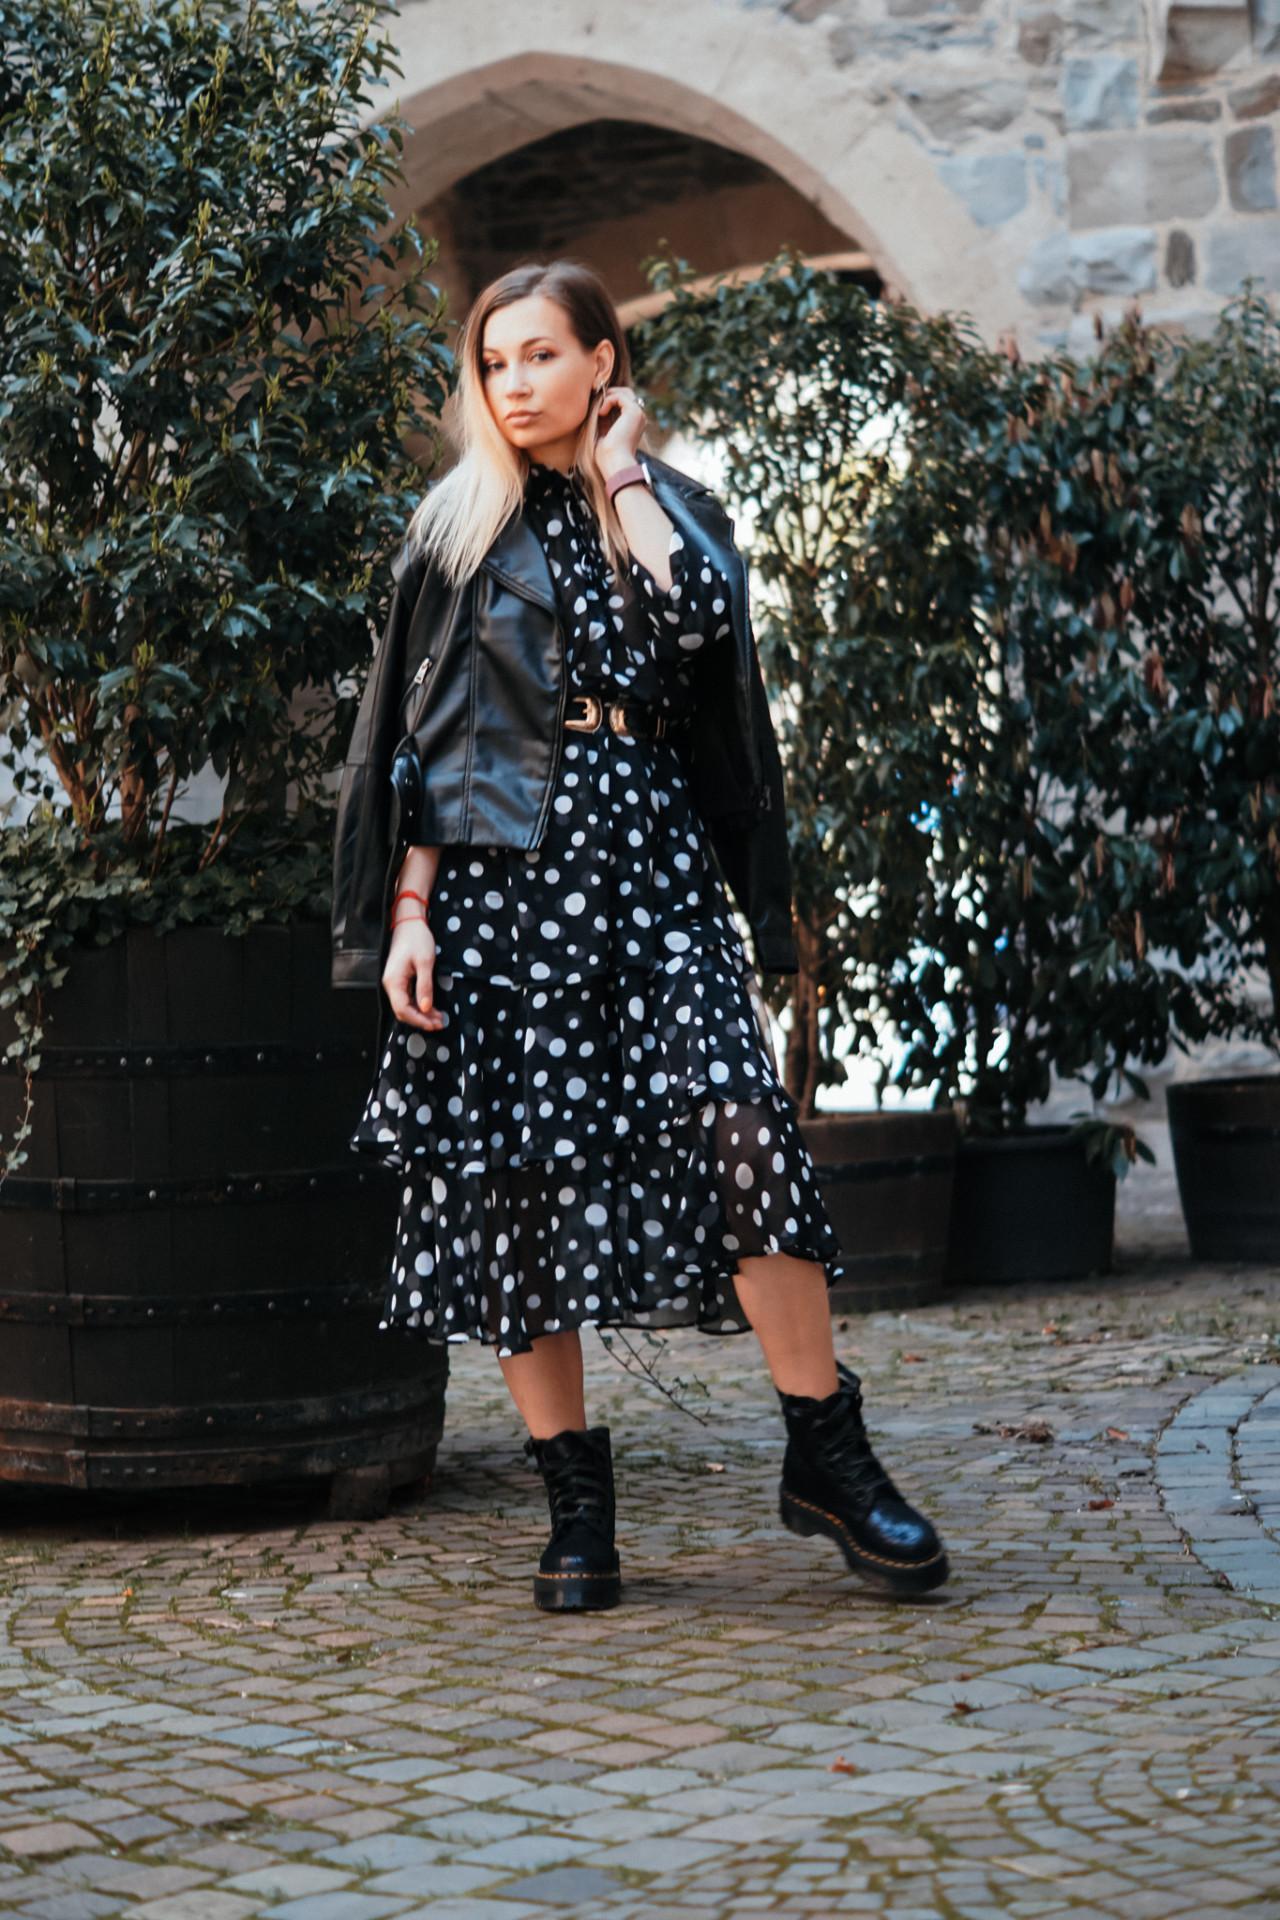 dbkstylez_leatherjacket_polka_dots_midikleid_streetstyle_mode_für_frauen